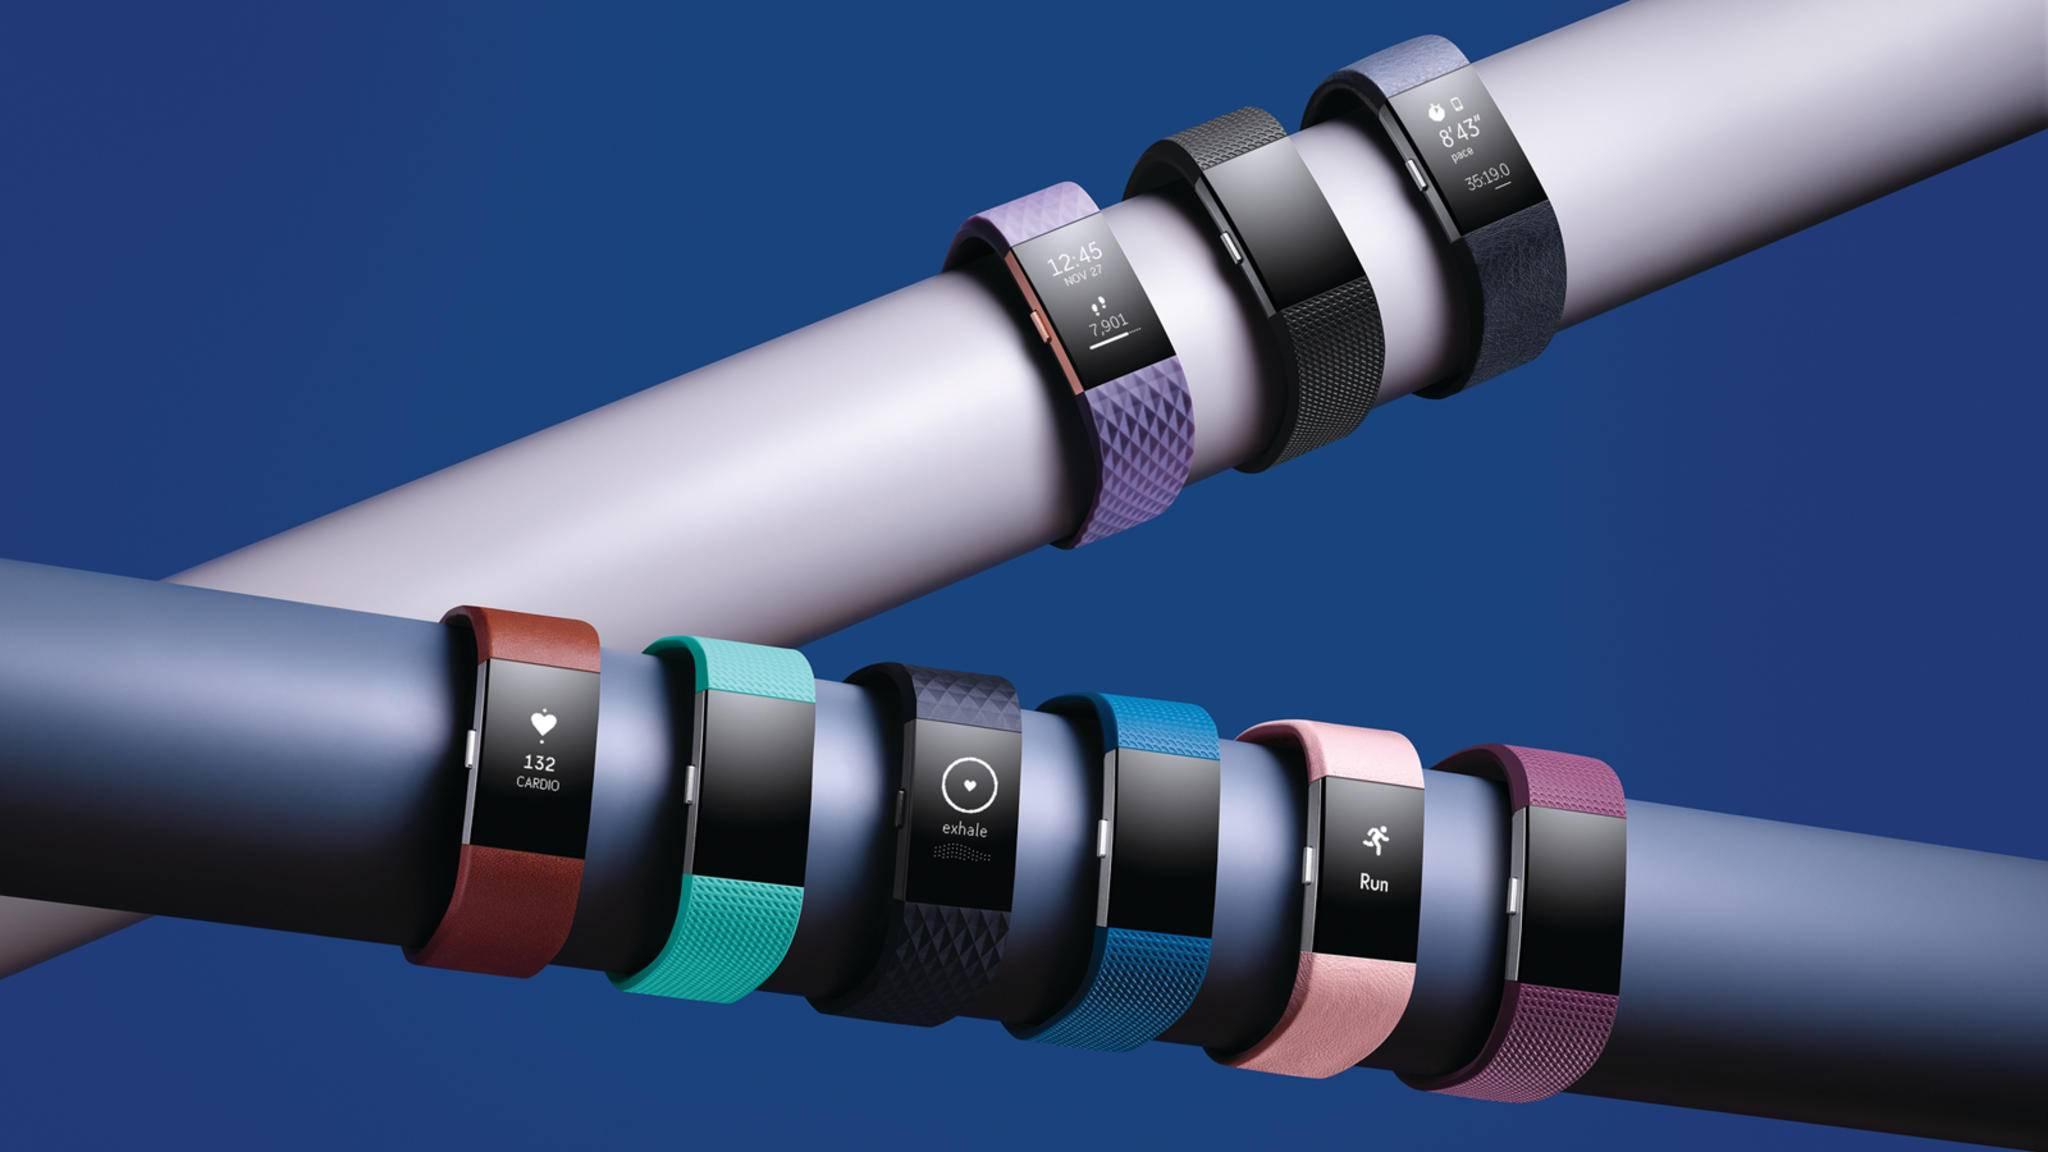 Fitbit soll mit den Trackern Fitbit Charge 2 und Fitbit Alta HR an einer groß angelegten Gesundheitsstudie beteiligt werden.